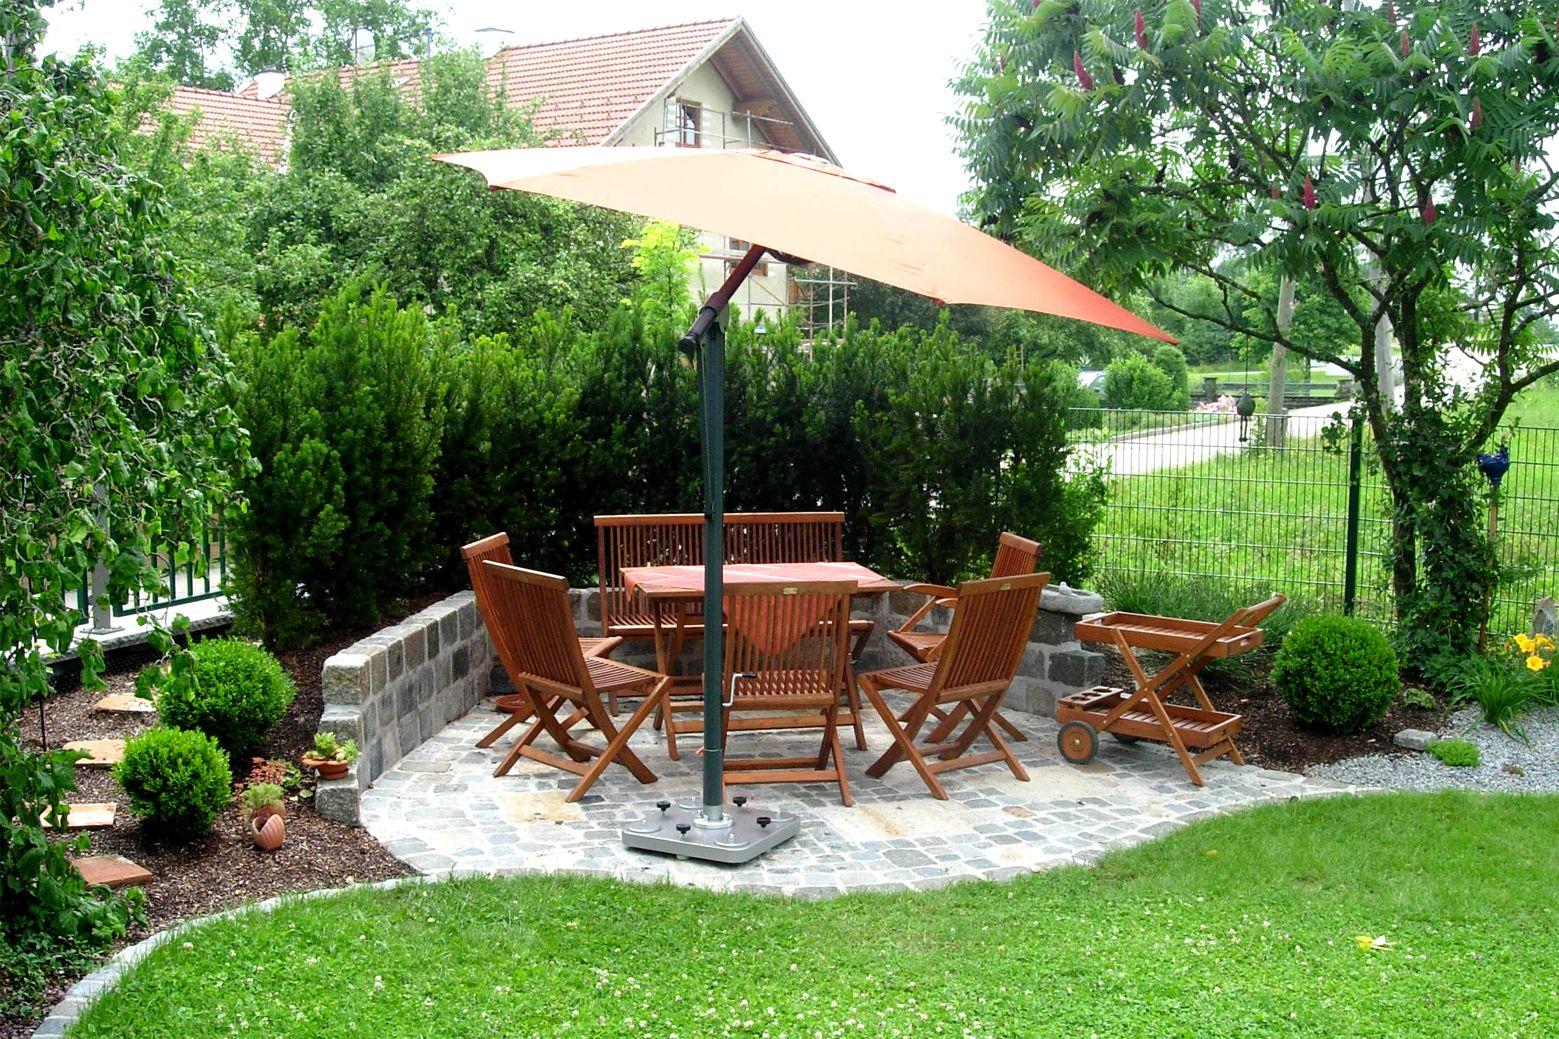 Wege Sitzplatze Sitzecke Mauern Trockenmauer Gartengestaltung Gartengestaltung Sitzecken Garten Sonnenschirm Lichter